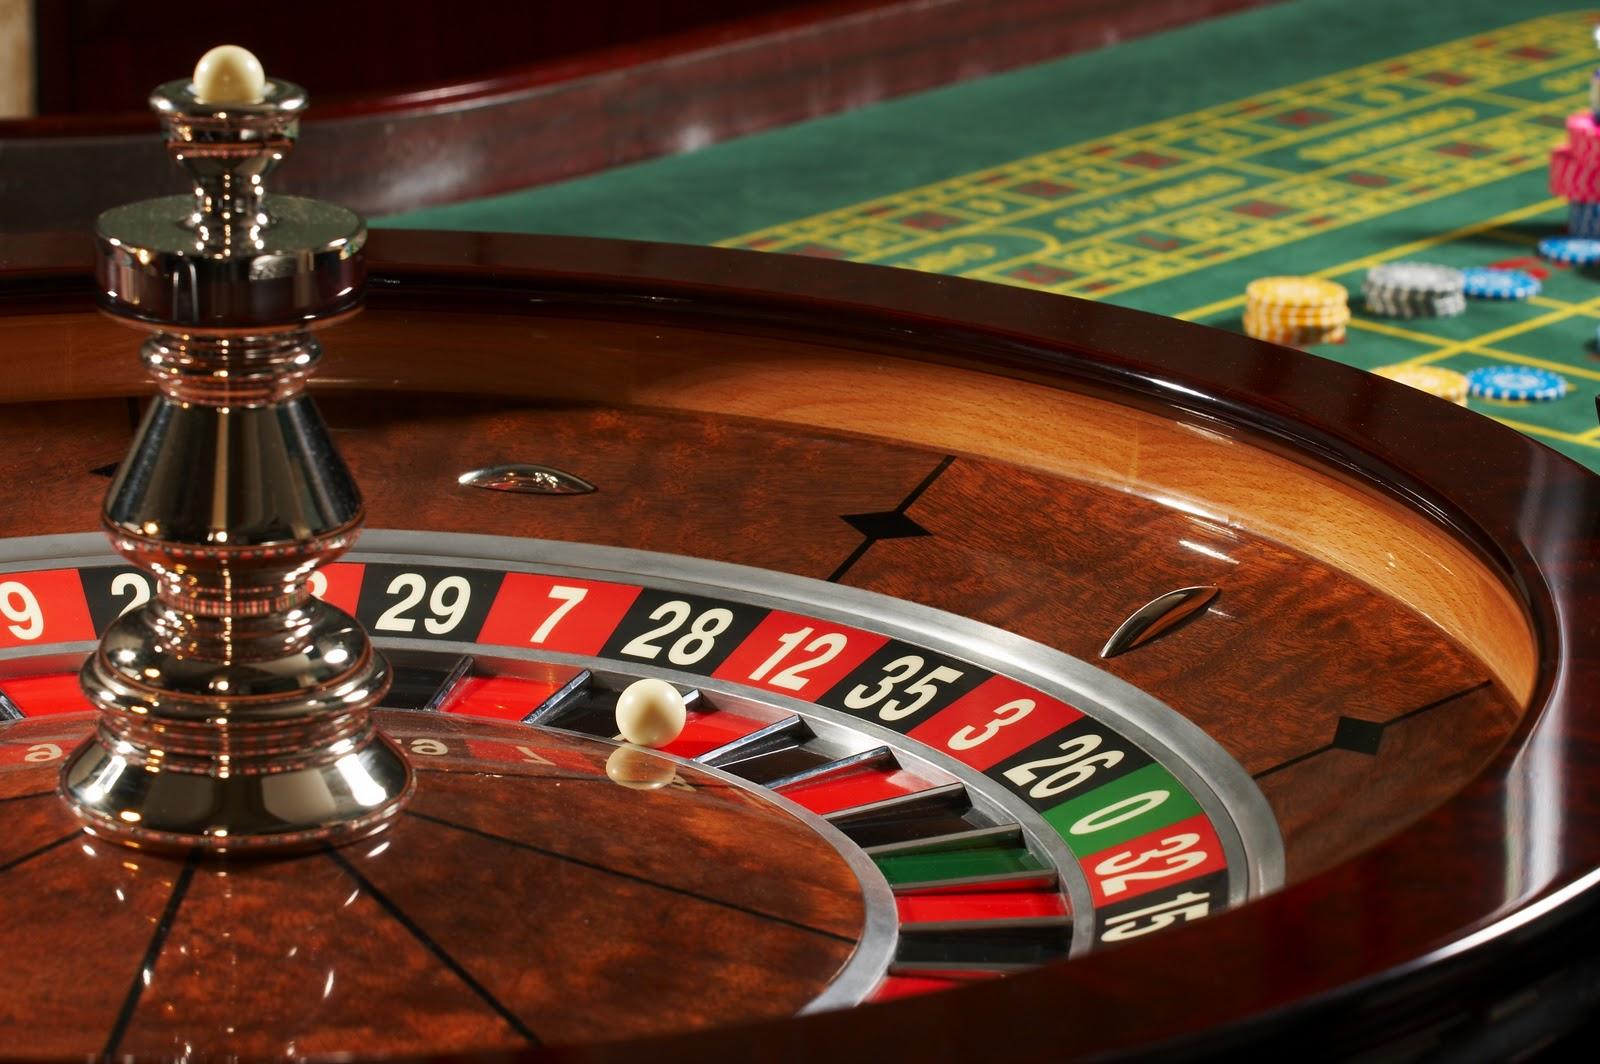 Jeux casino : maximiser ses gains c'est possible